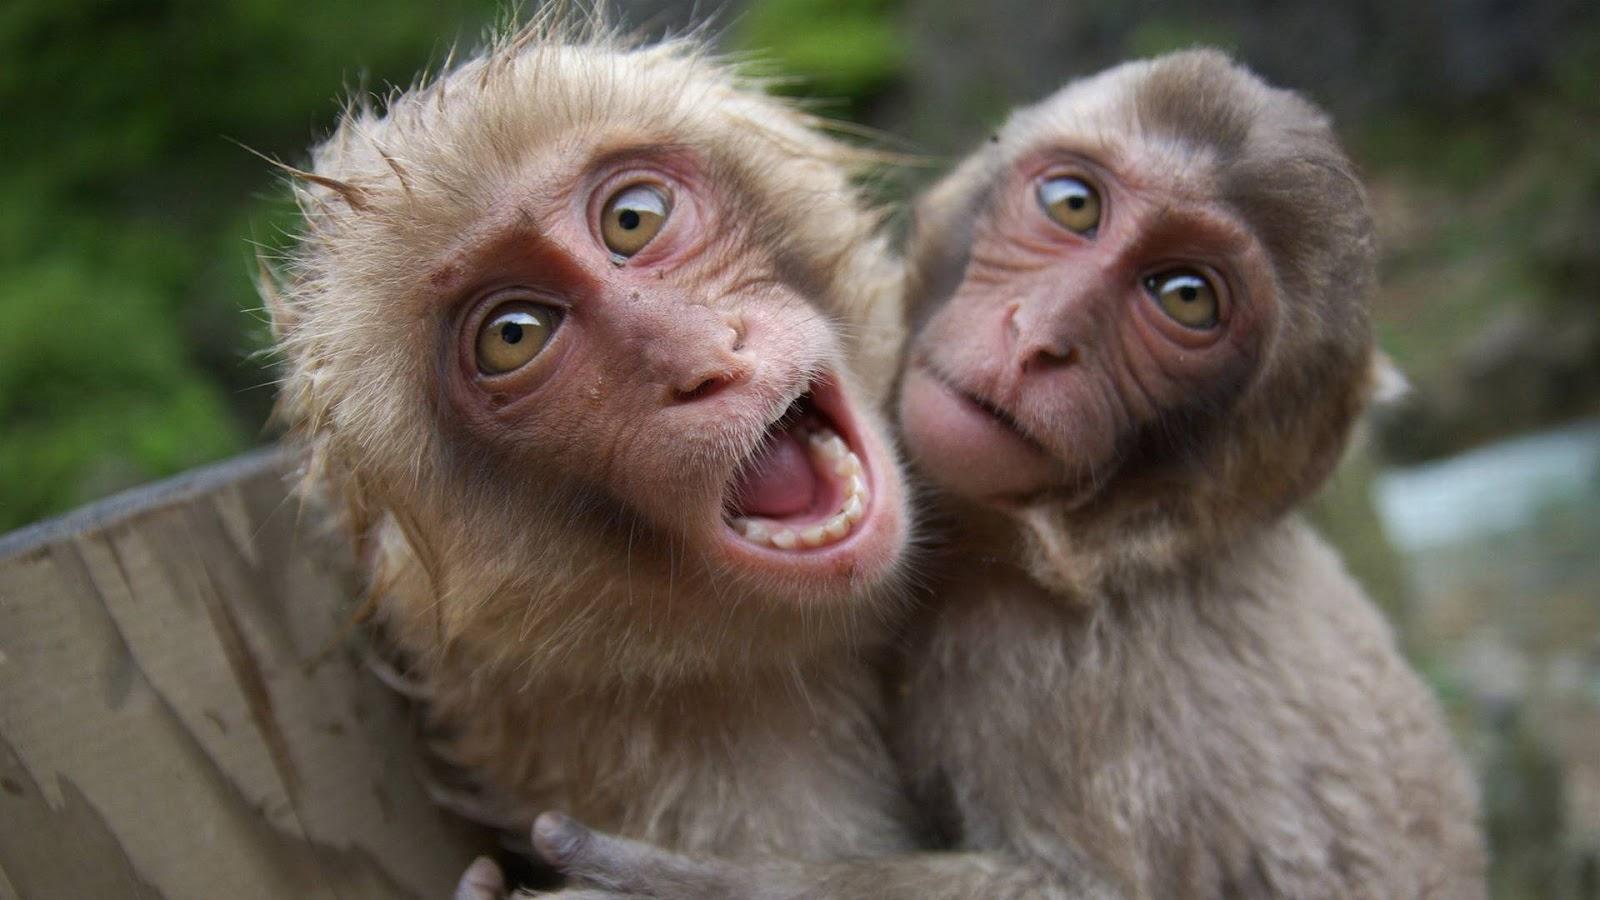 بالصور صور تموت من الضحك , اجمل الصور الضاحكه 3373 9